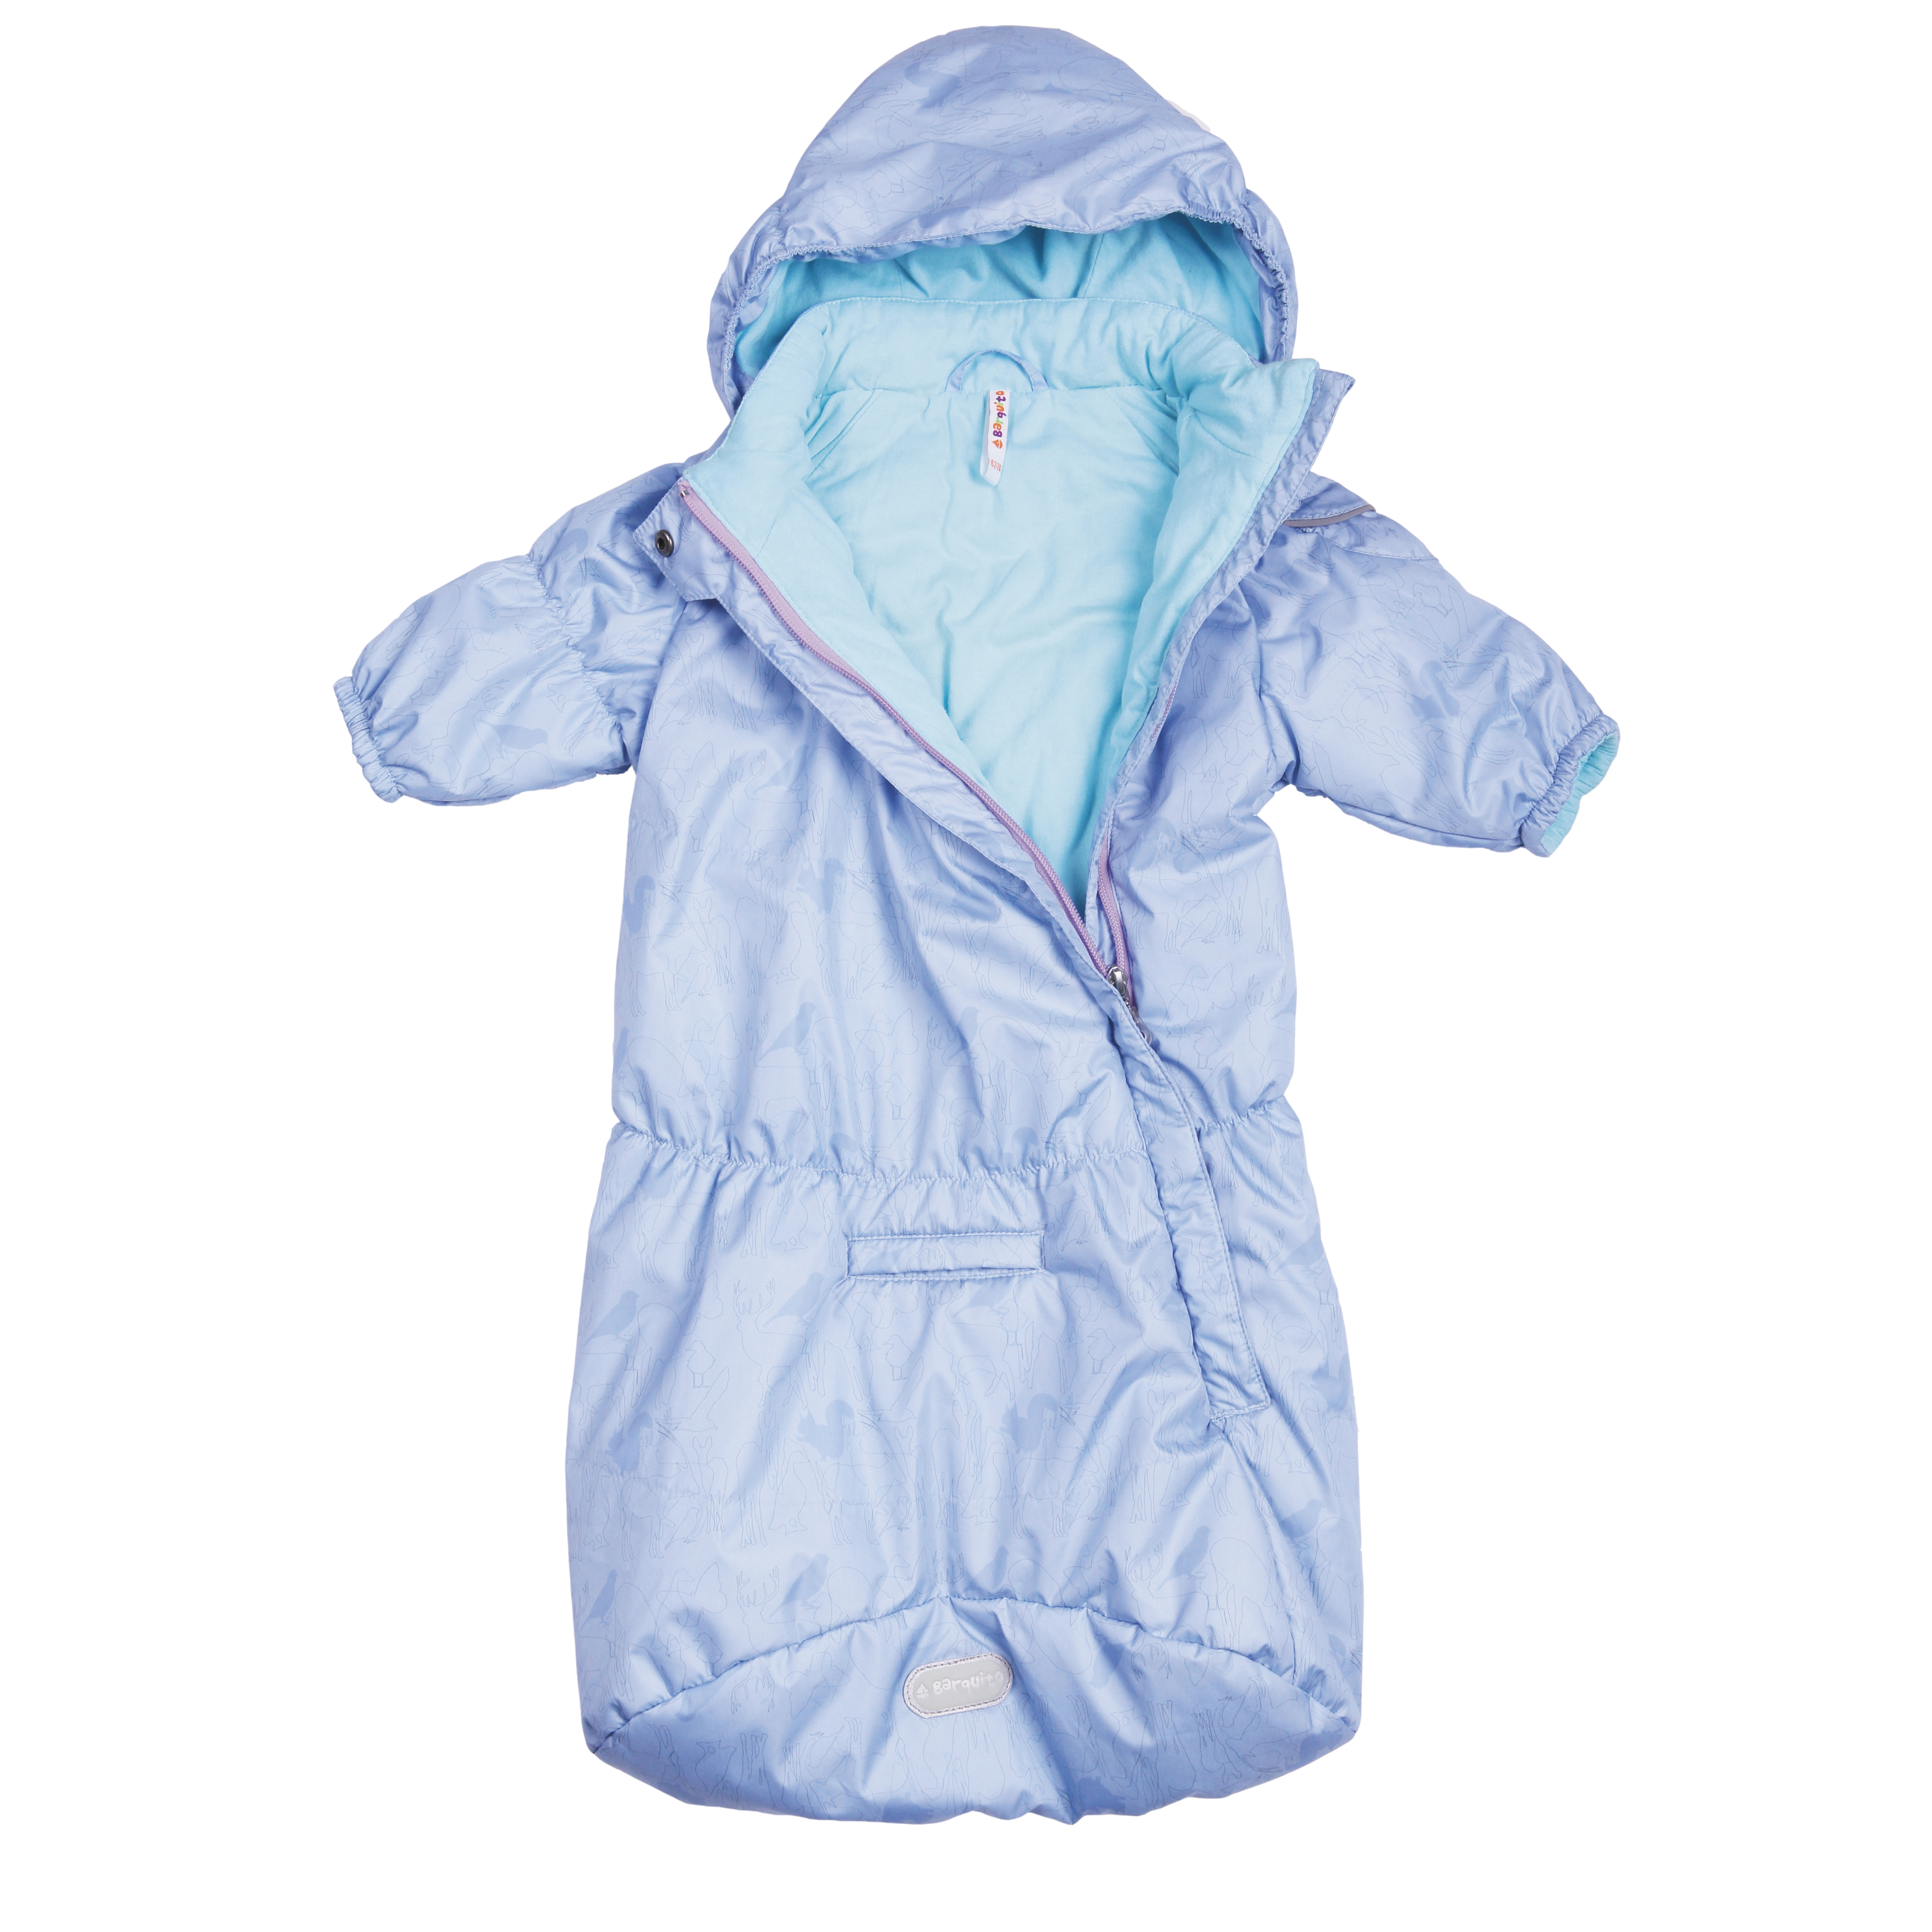 Конверты и спальные мешки BARQUITO Спальный мешок для мальчика Barquito голубой цена 2017